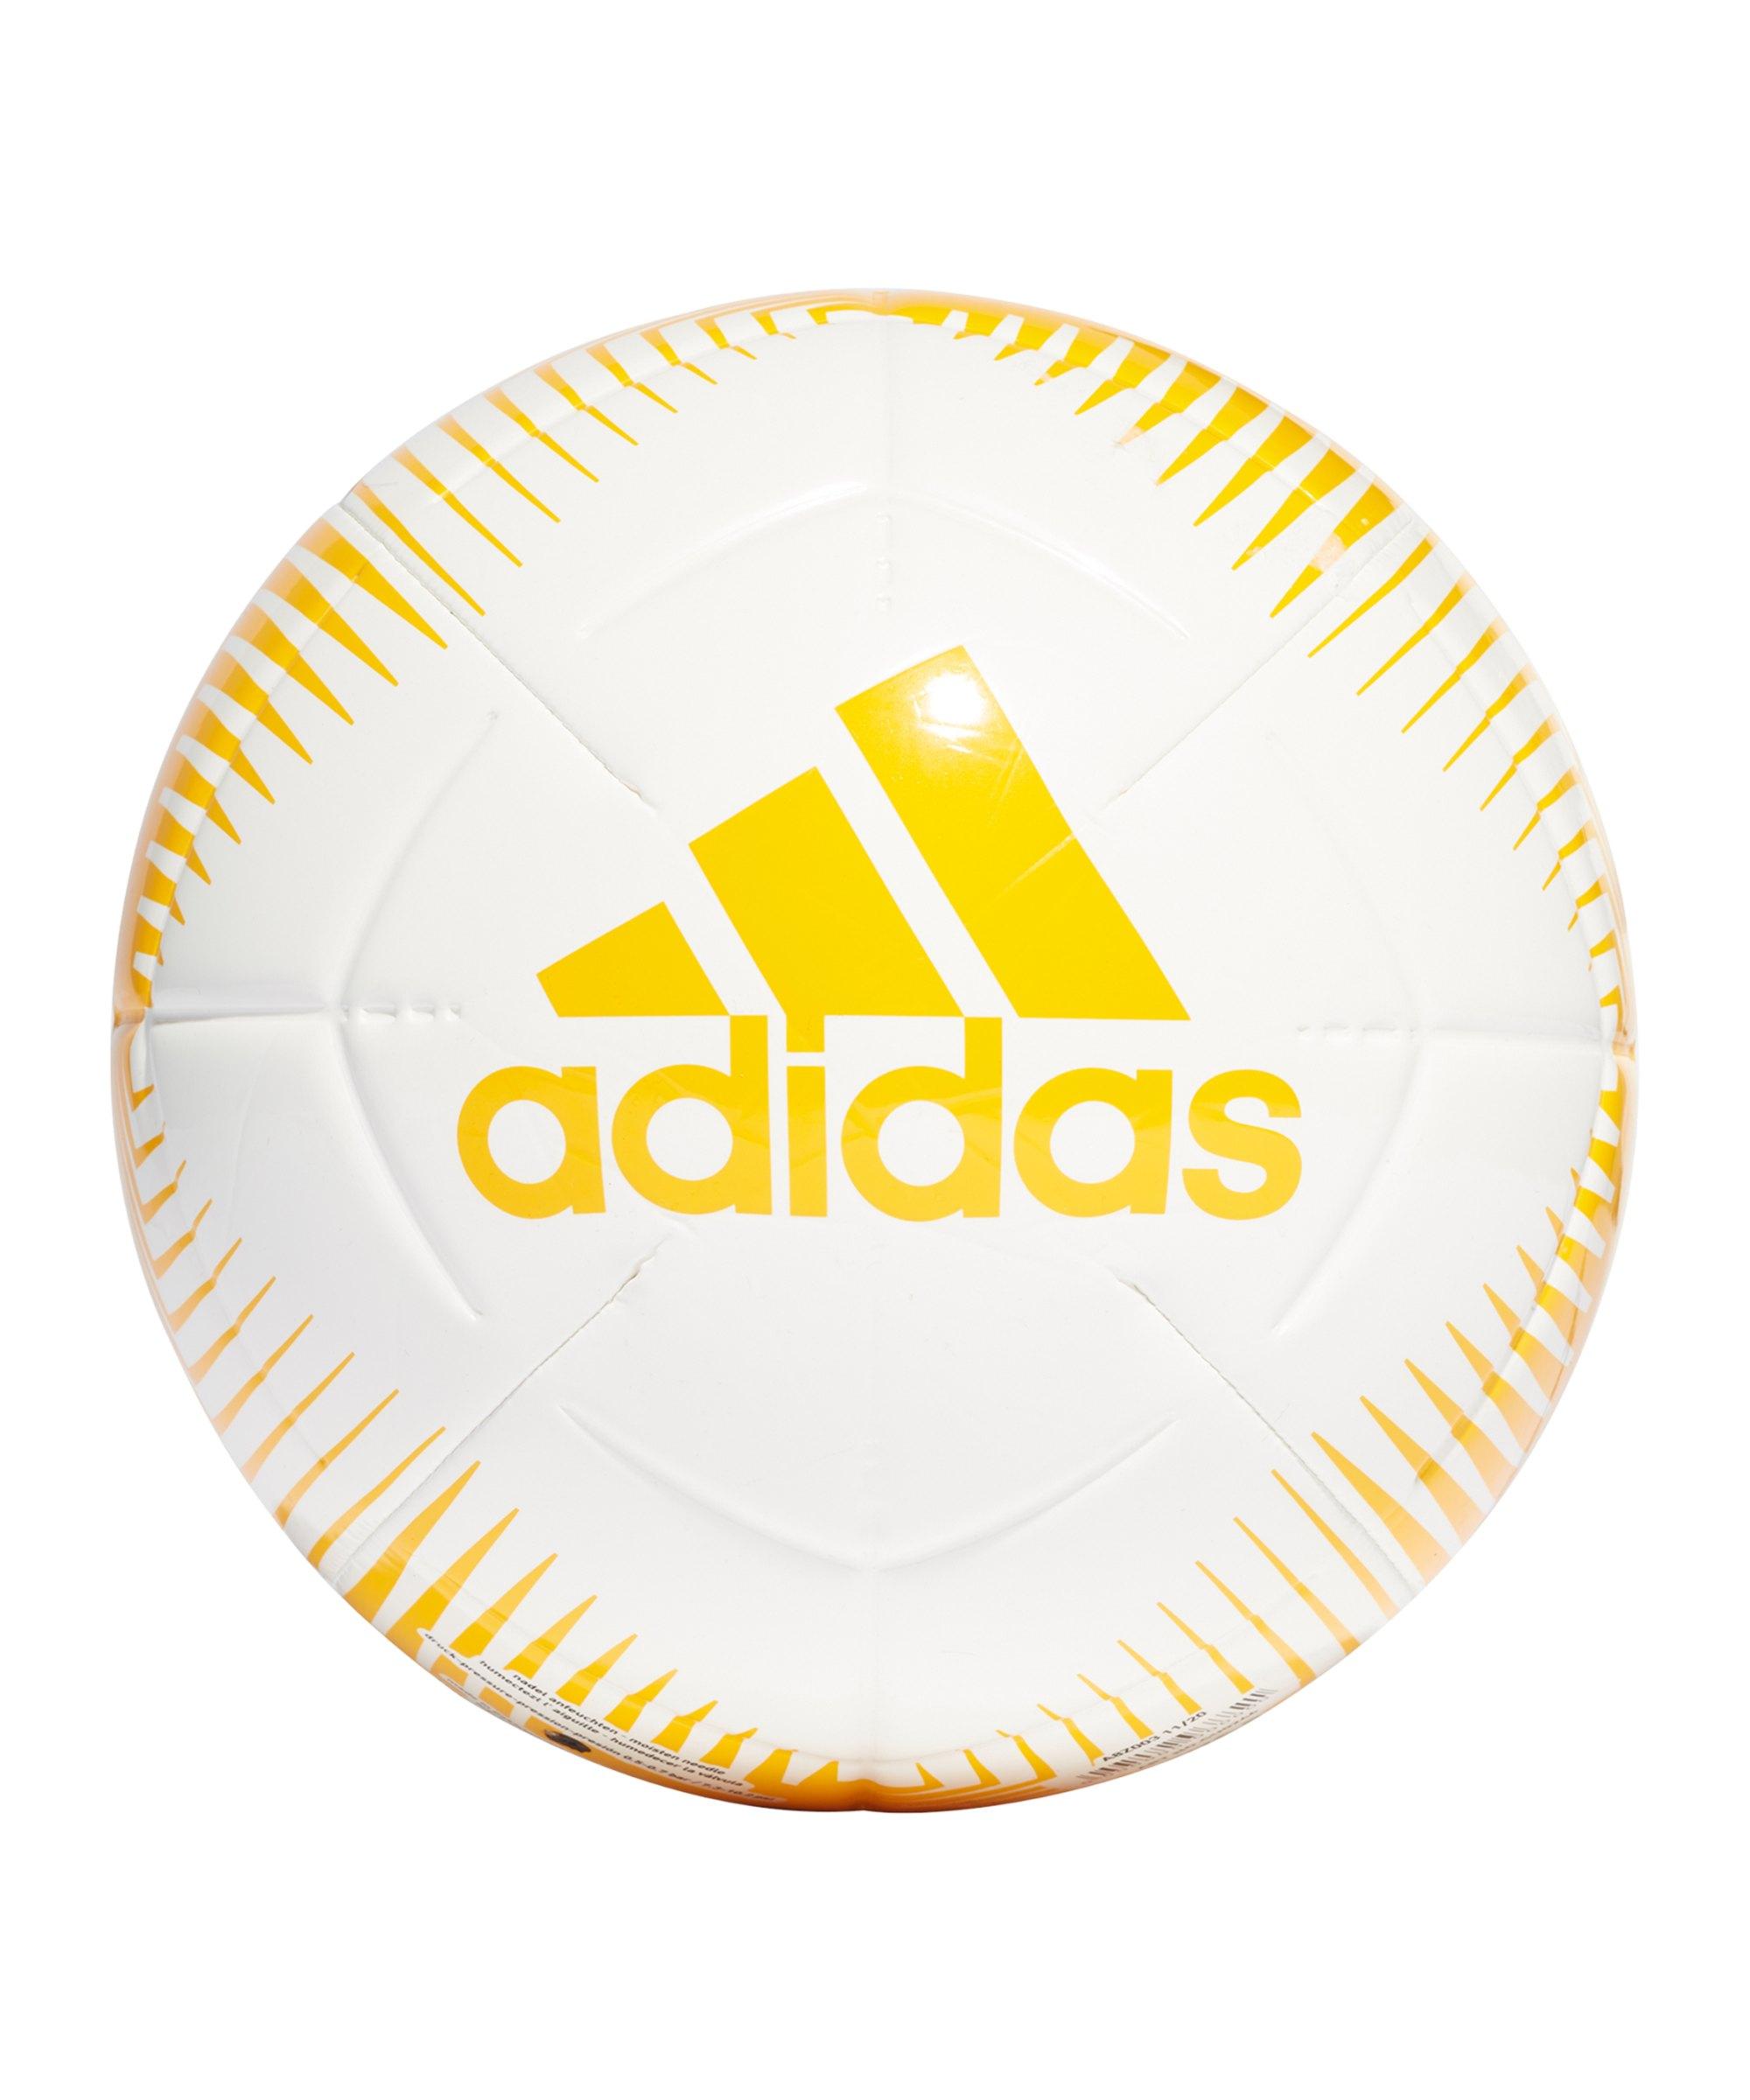 adidas EPP CLB Trainingsball Gelb Weiss - gelb